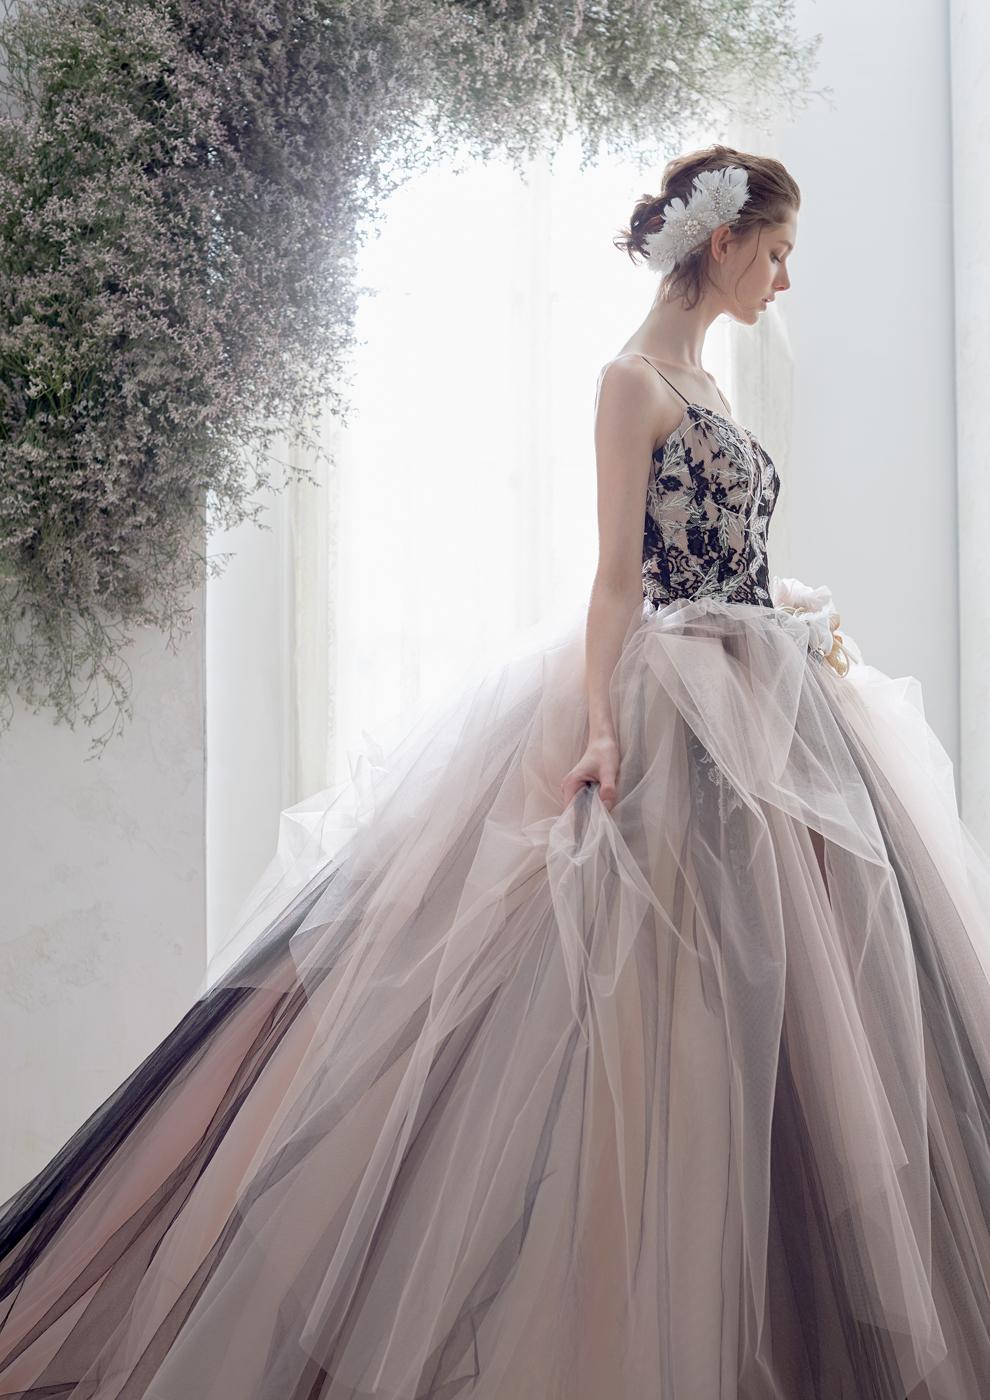 ワンランク上のこだわりのラグジュリアスカラードレス